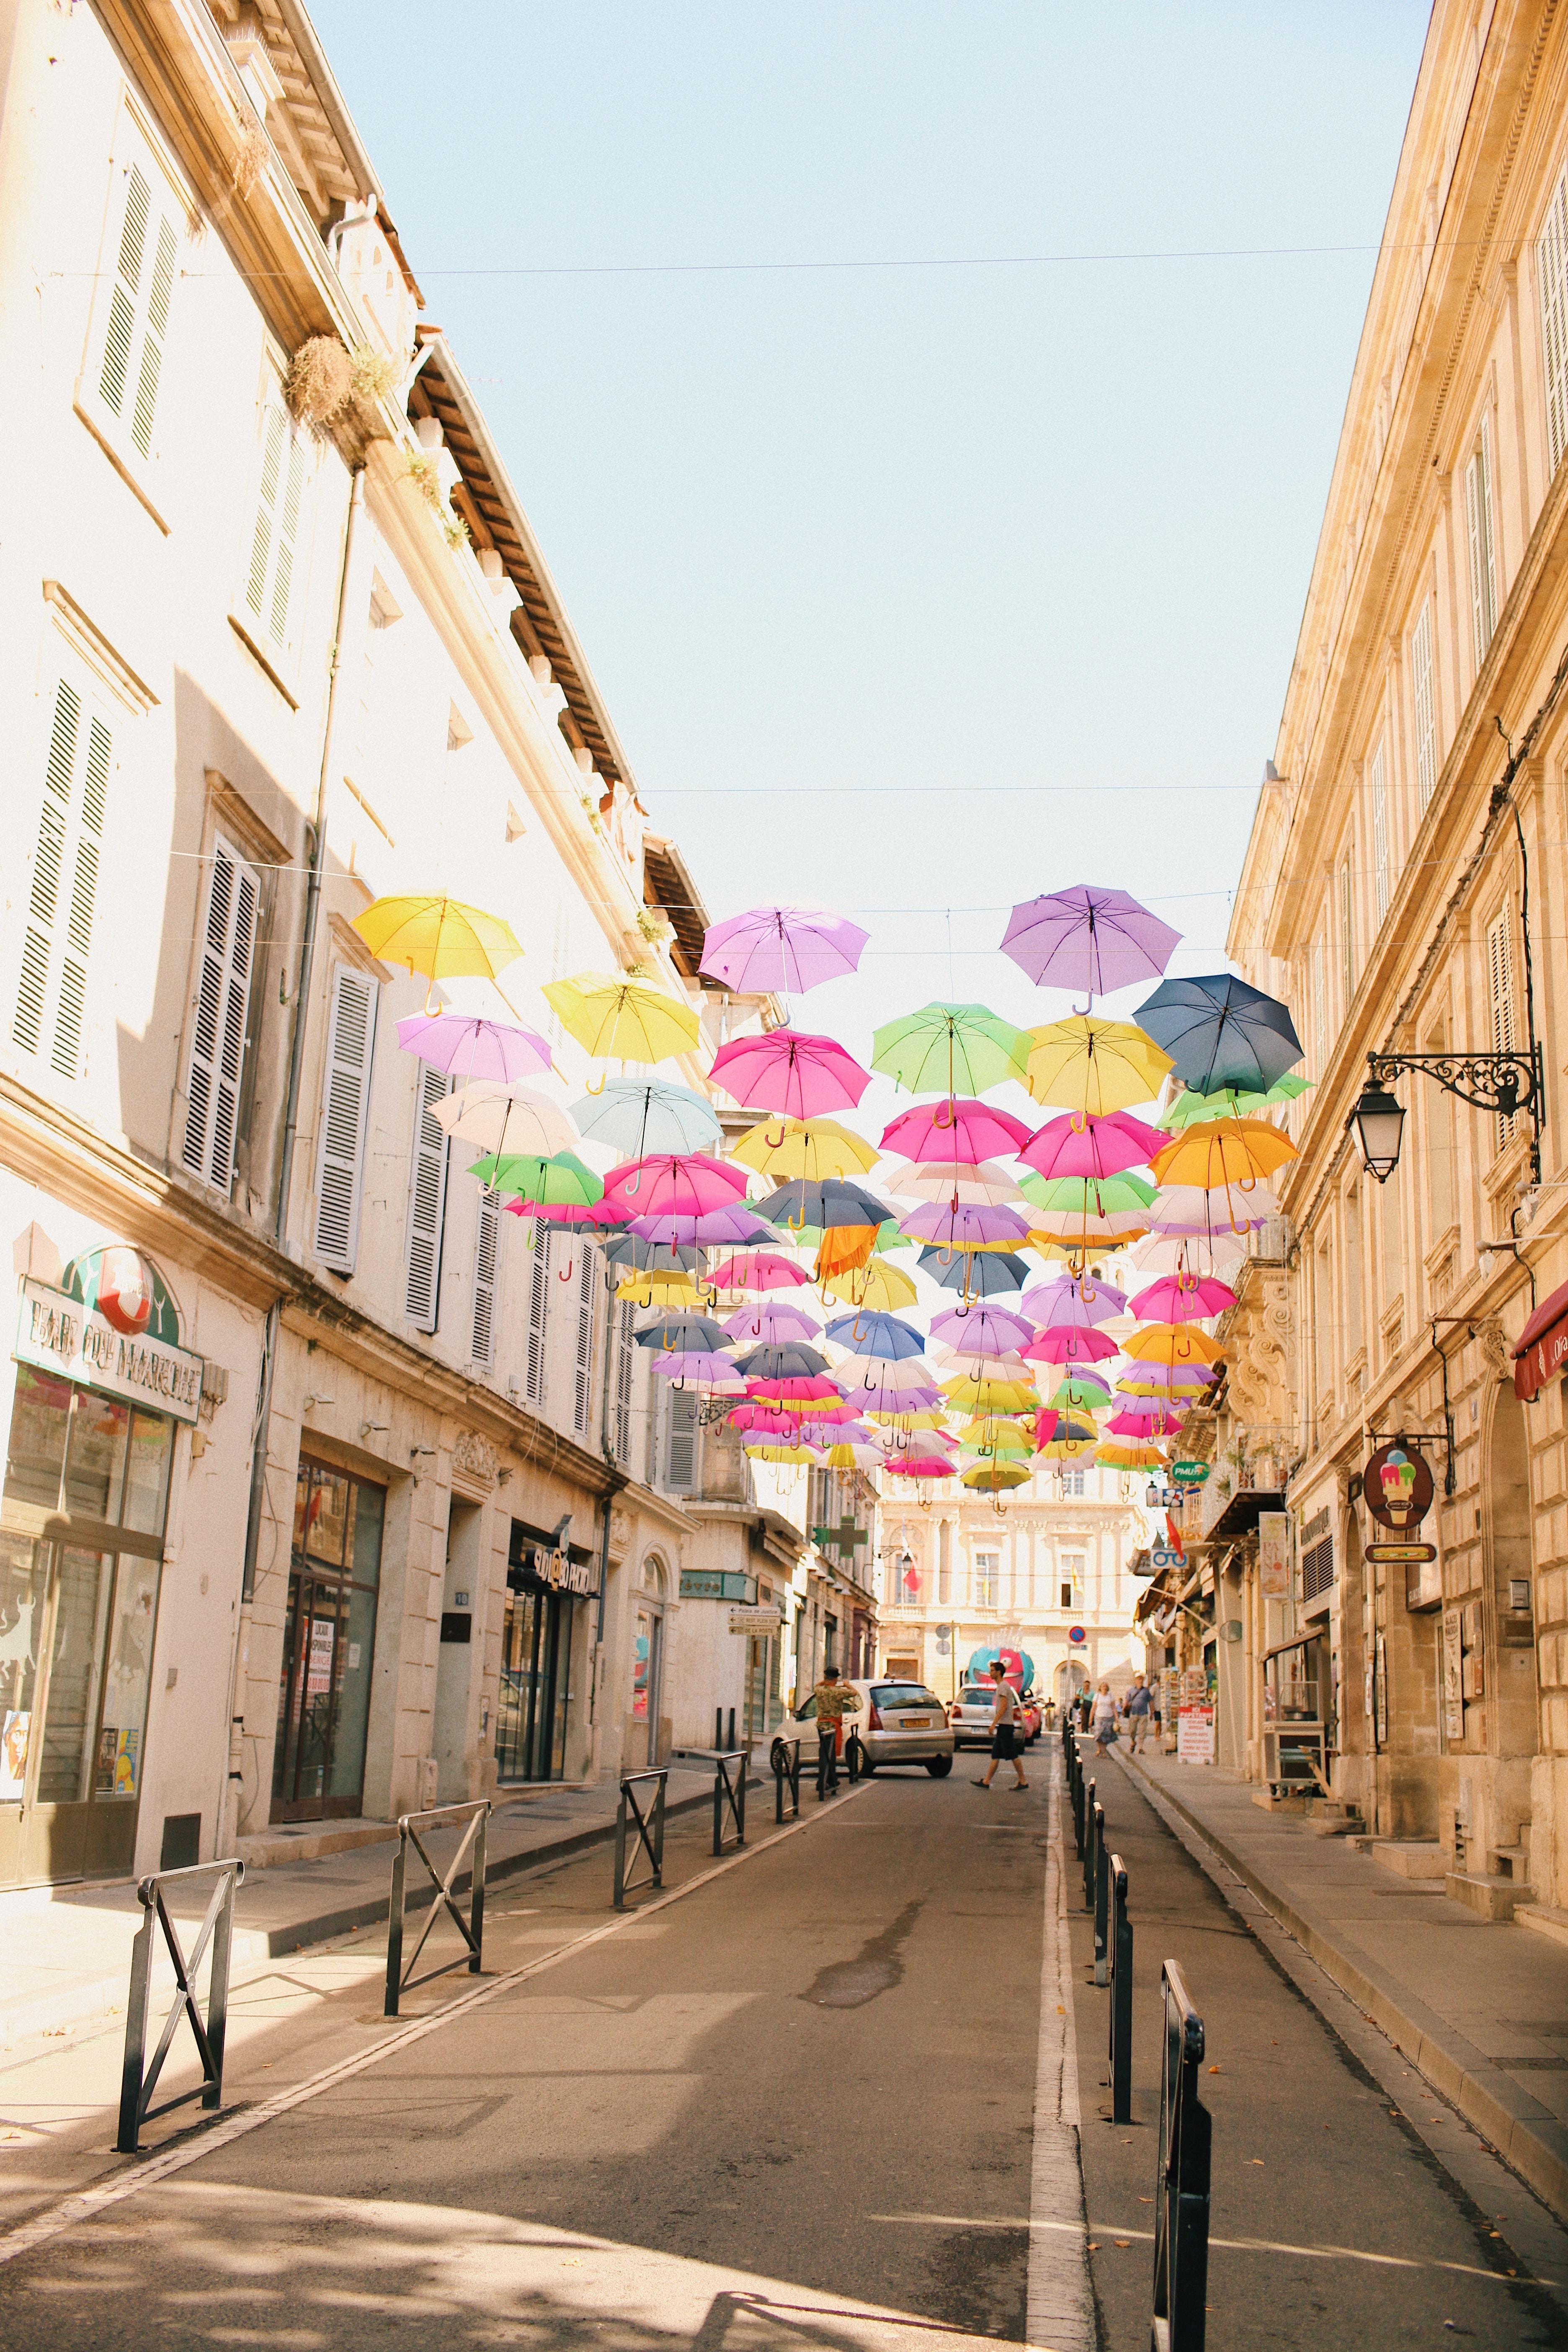 Saone Et Loire Rencontre Minet Gay Plan Gay Saône-et-Loire (71)